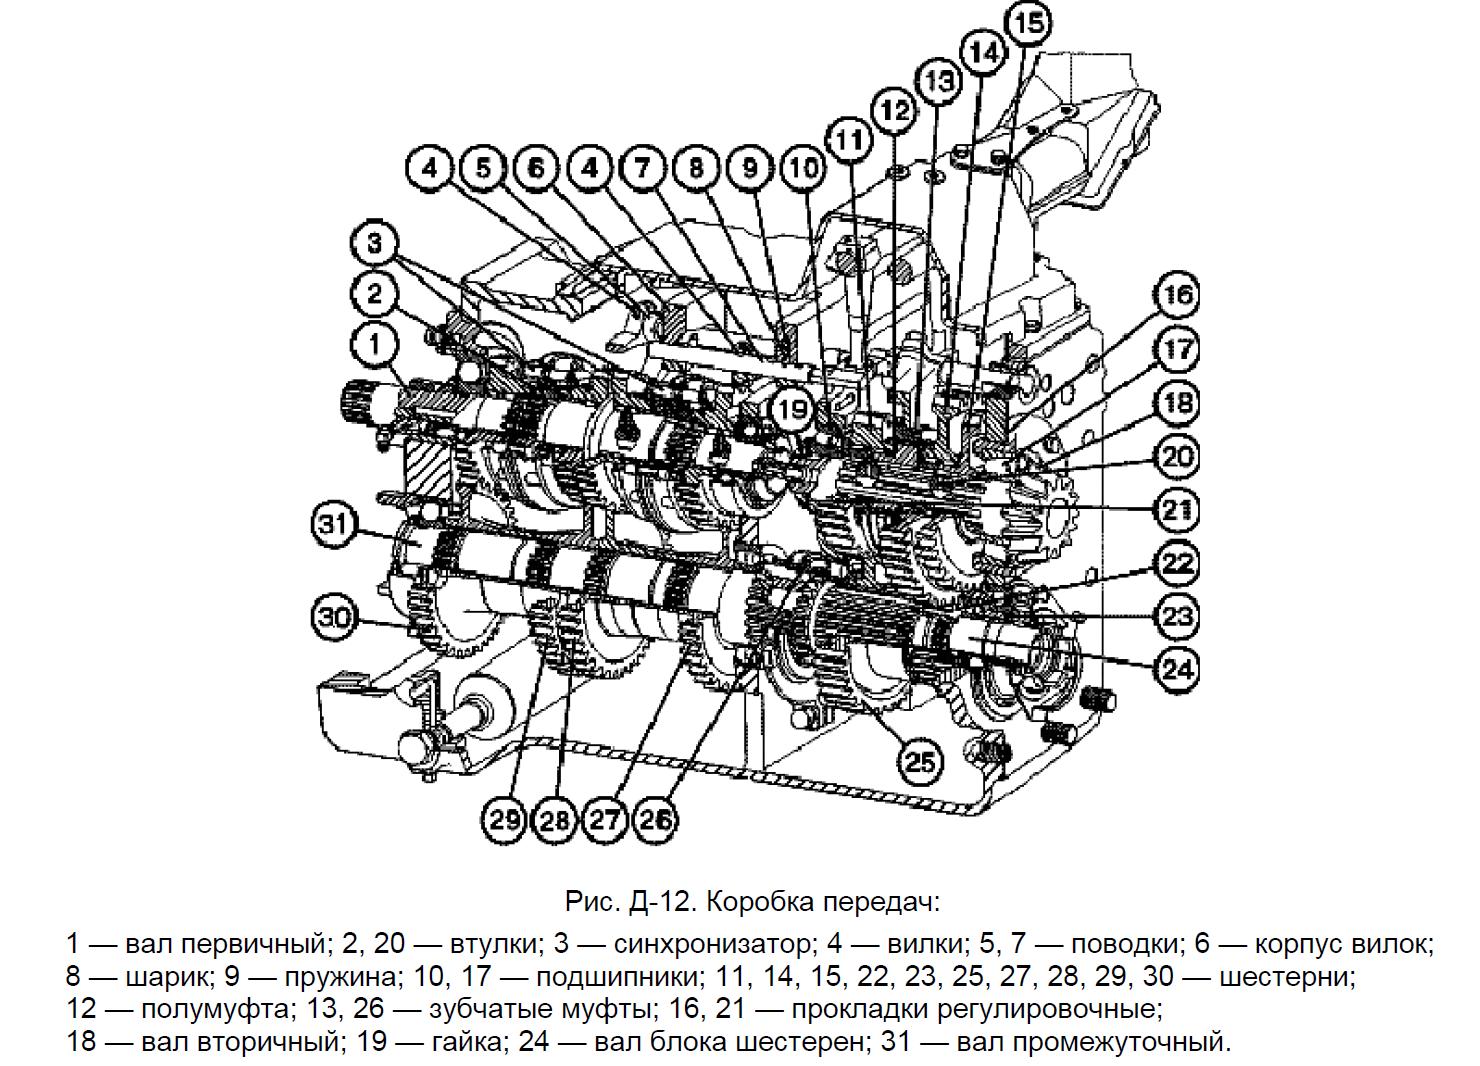 схема коробки передач МТЗ-1221